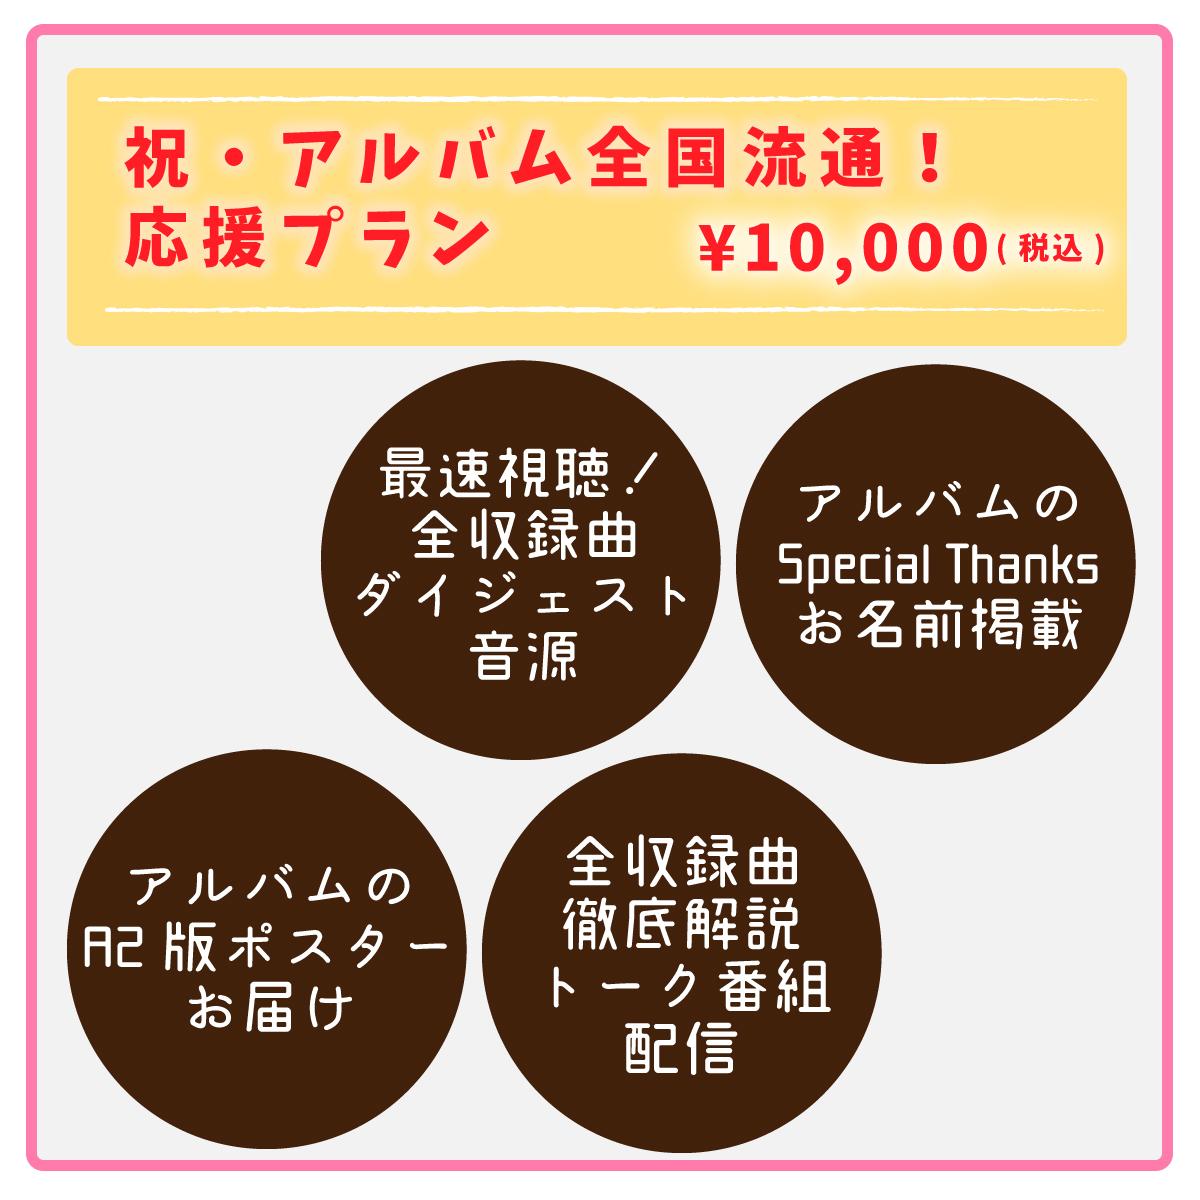 <祝・アルバム全国流通!応援プラン>